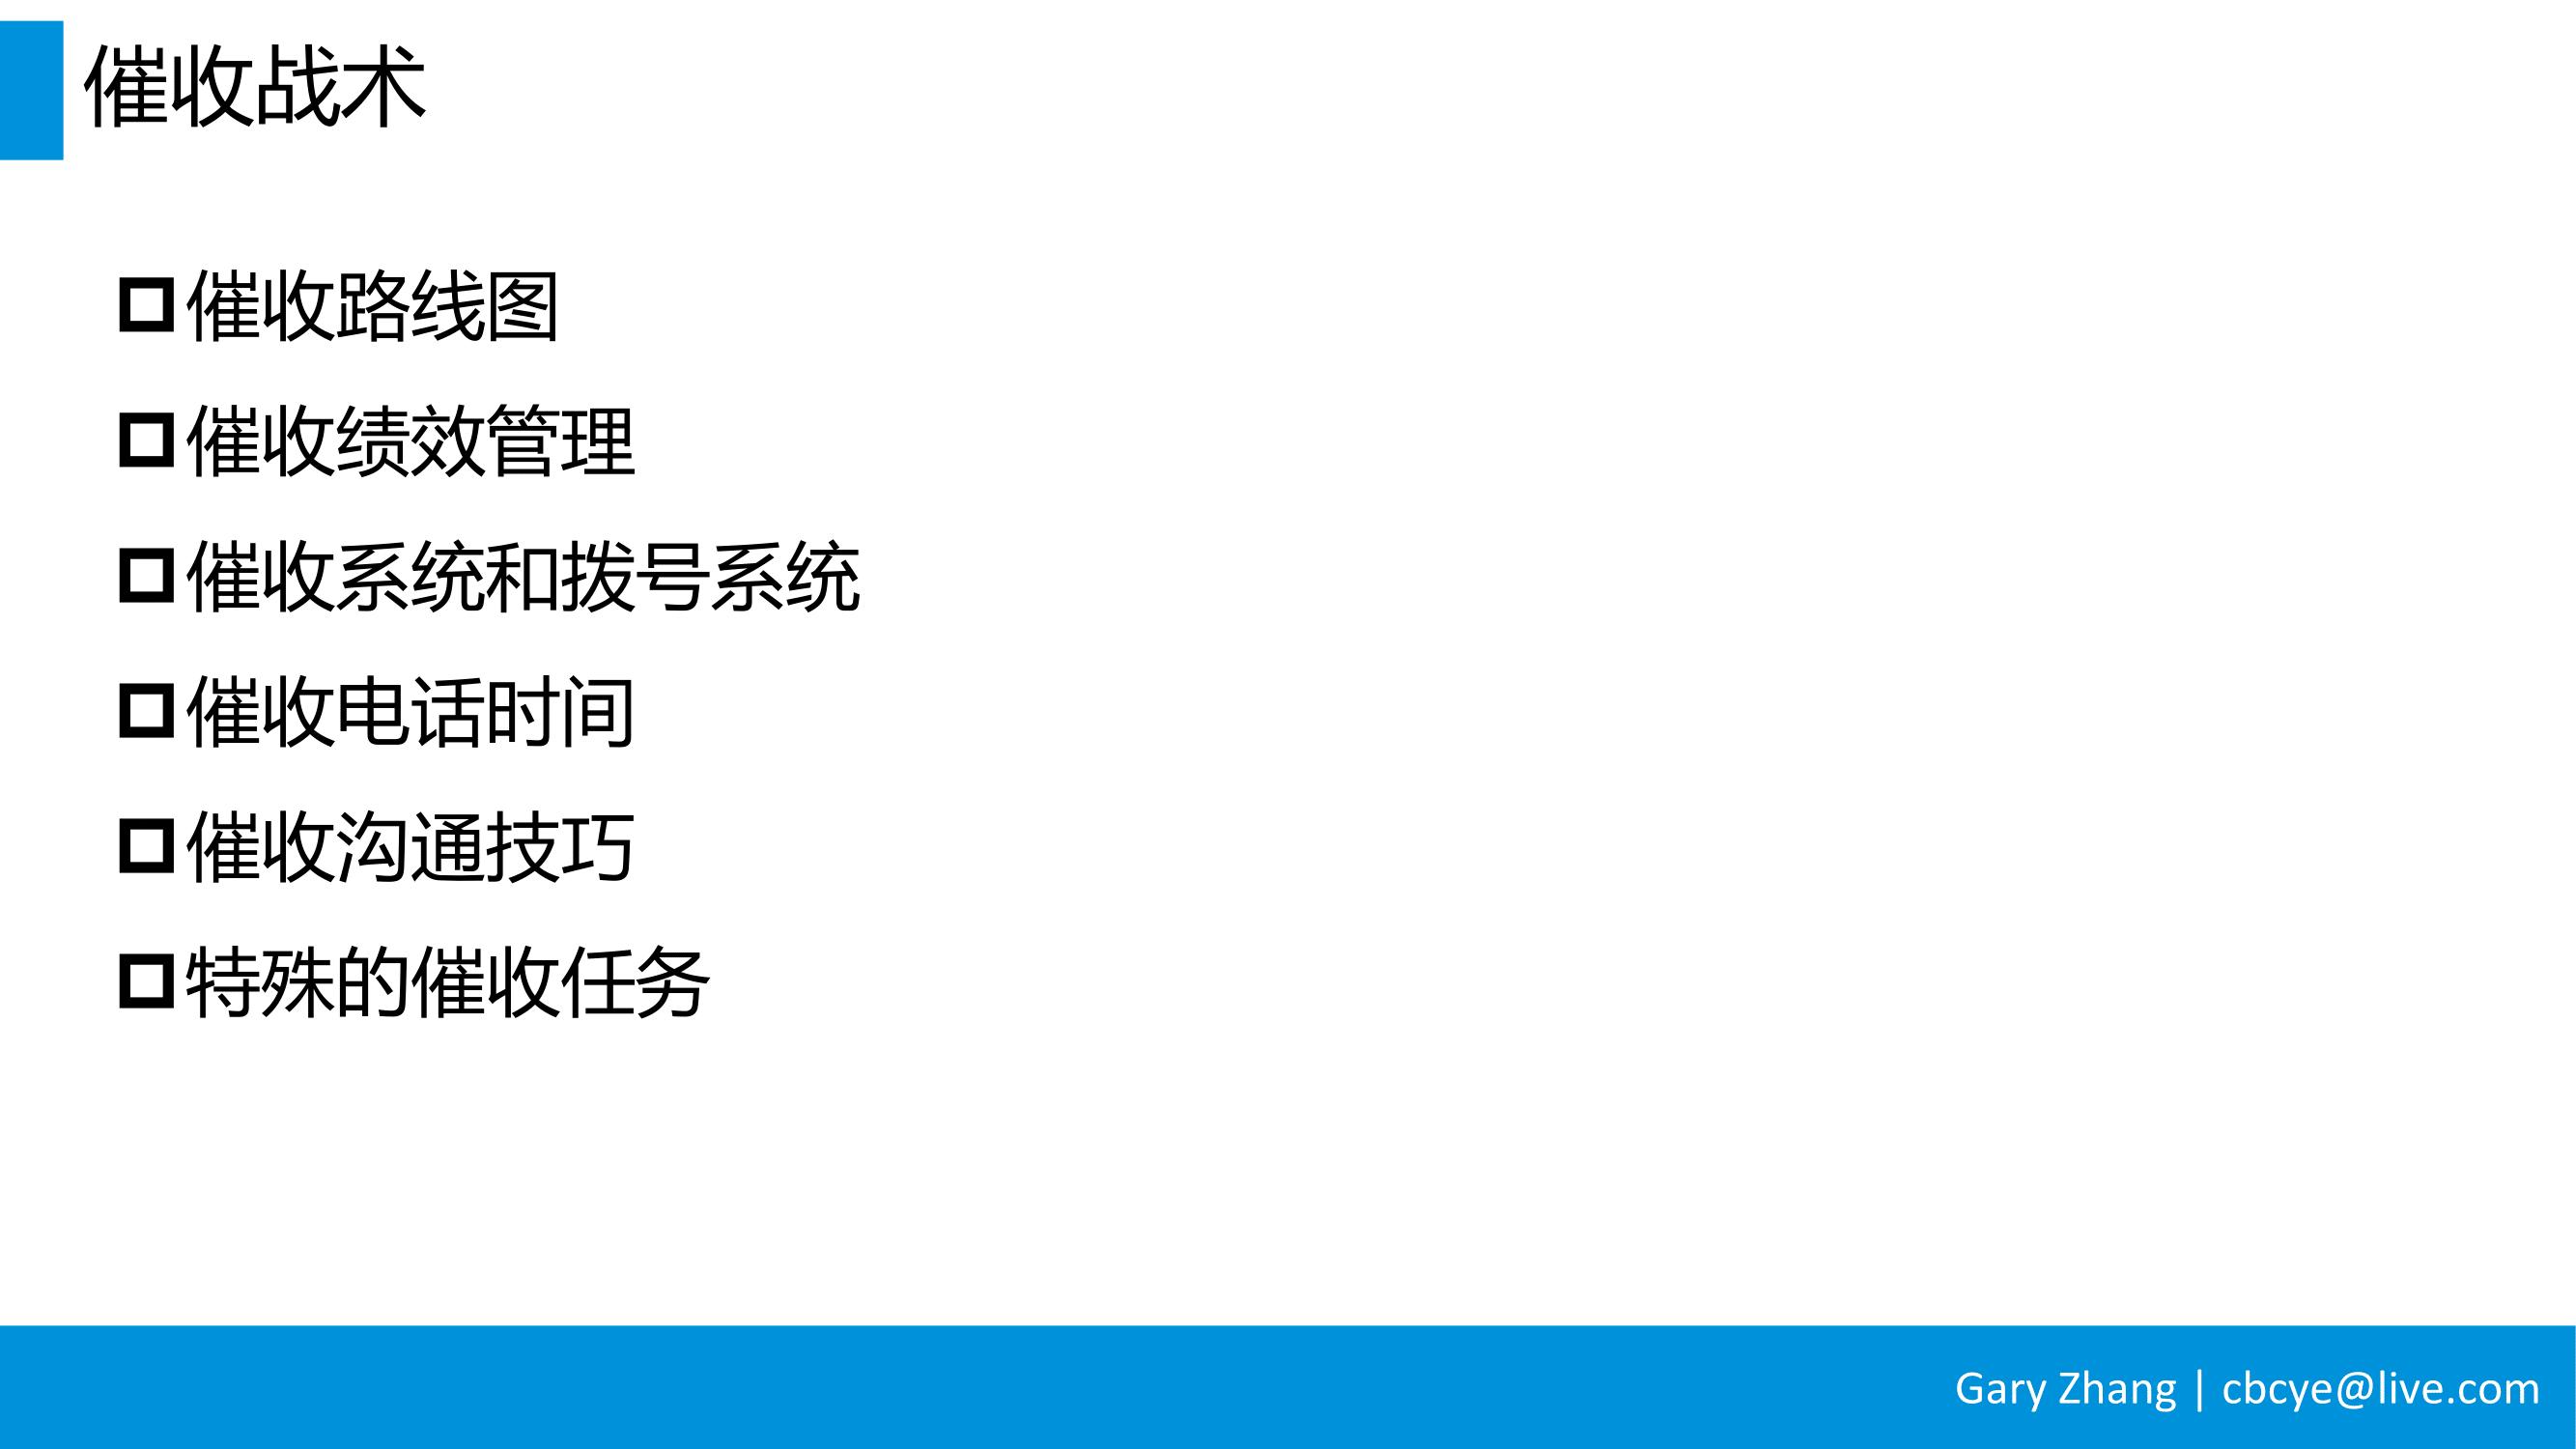 消费金融业务全流程指南_v1.0-062